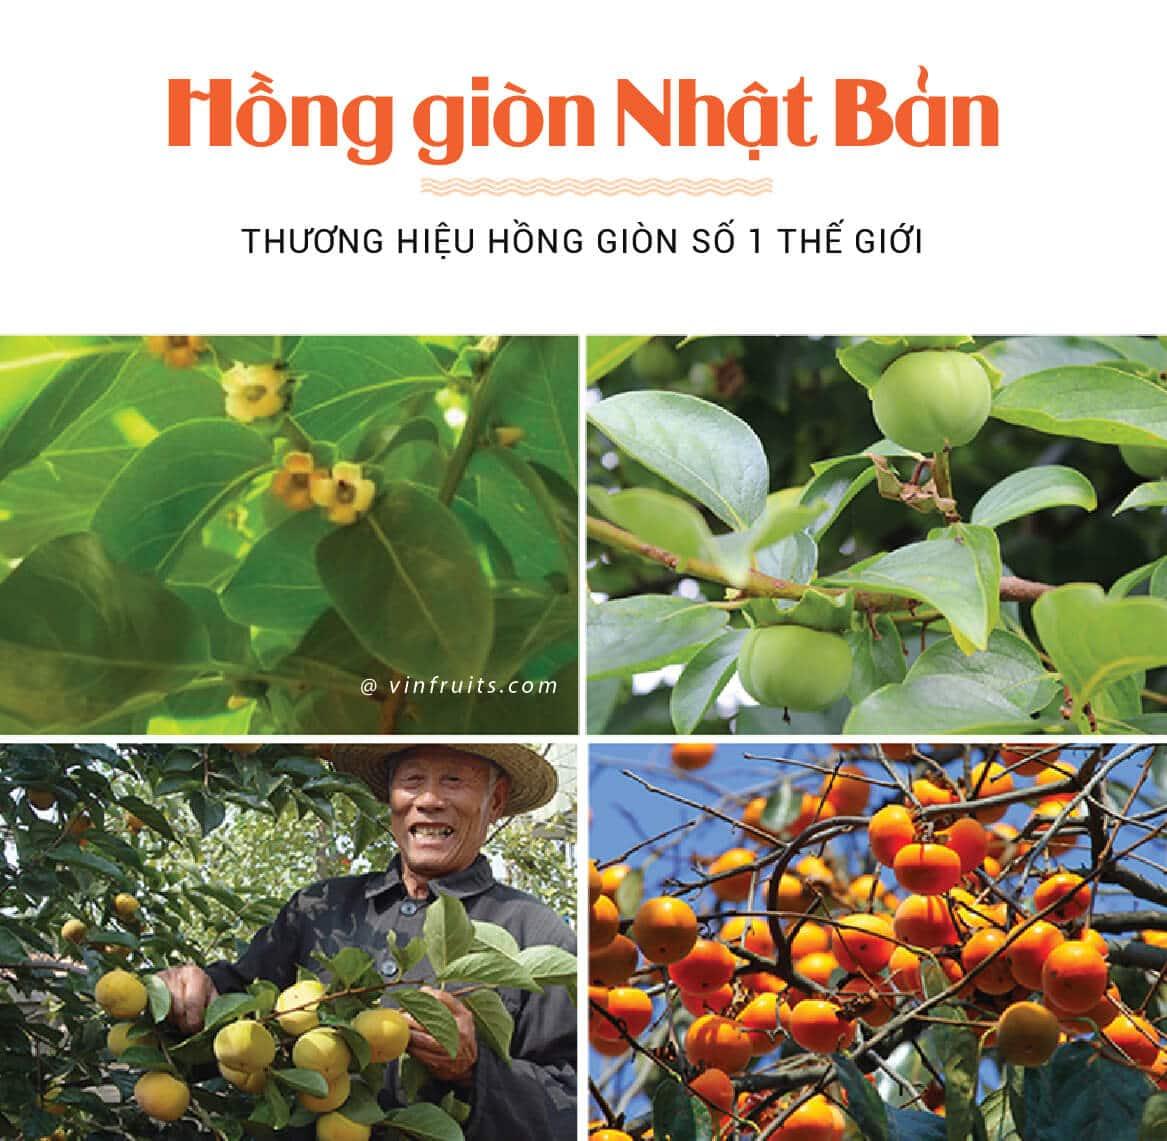 Hong gion Nhat Ban - vinfruits